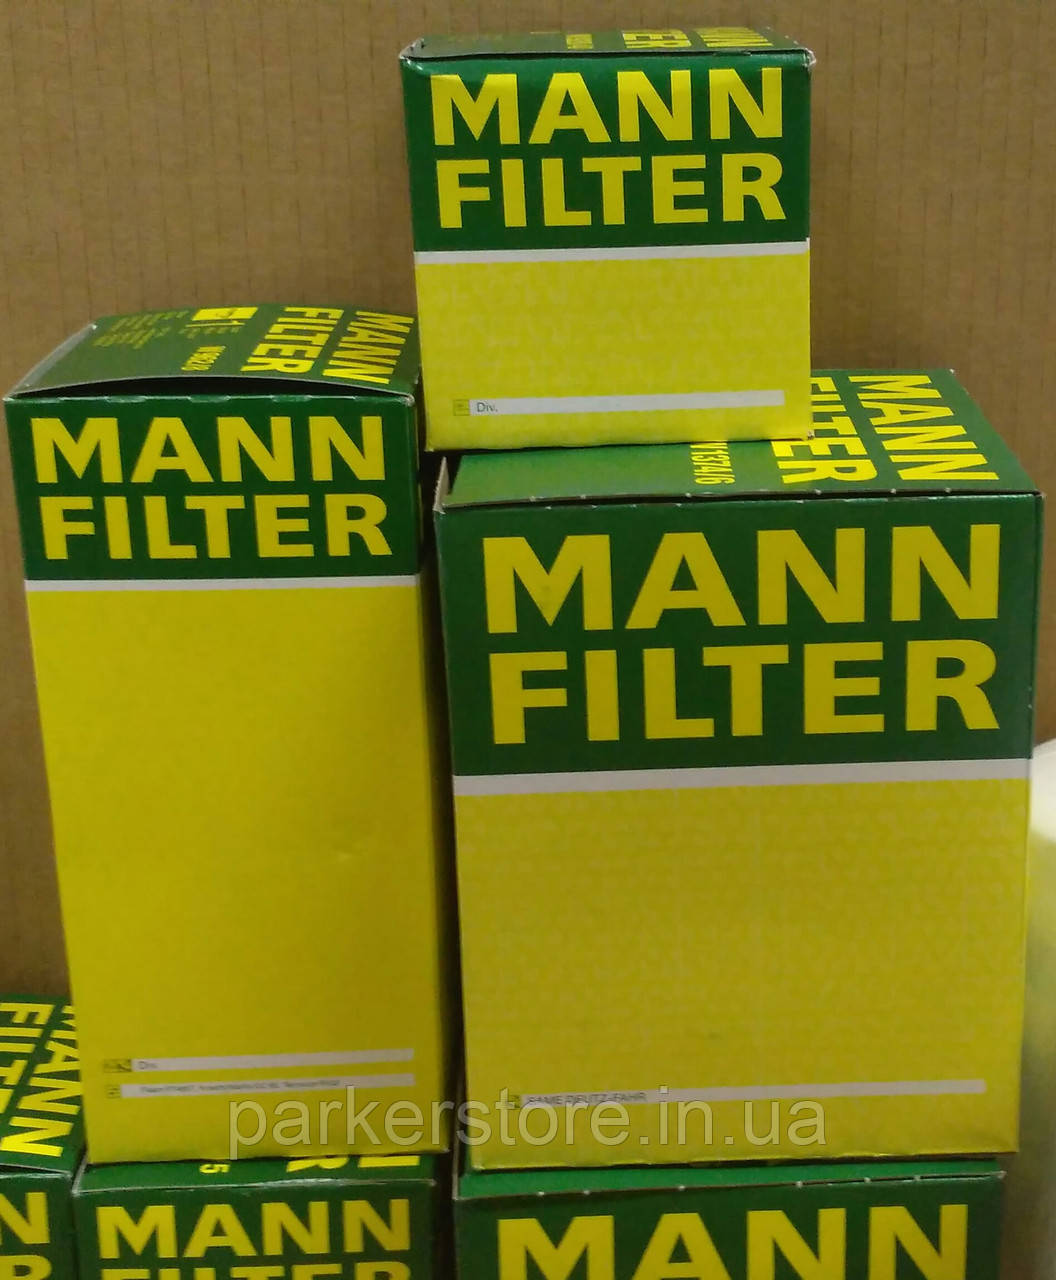 MANN FILTER / Воздушный фильтр / C 33 1605 / C331605